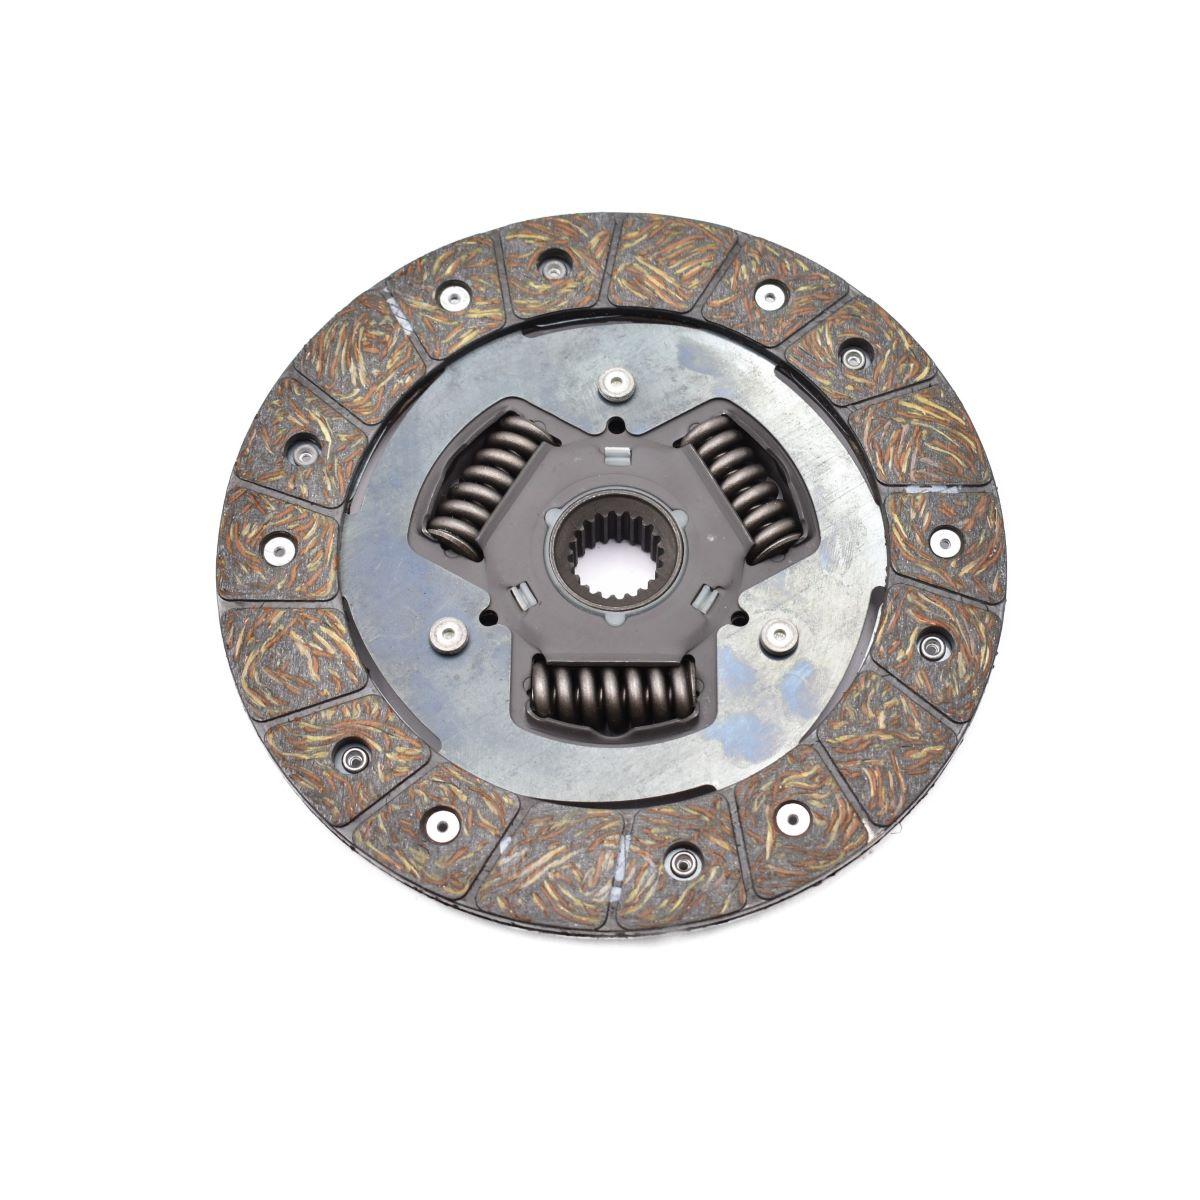 Clutch plate for Iseki TU Iseki: TU1400 TU1500 TU1600 : Diameter disc: 185mm Diameter asgat: 22mm Splines: 20 stuks 1491-120 -220-00 / 1491-120-2200-0 / 149112022000